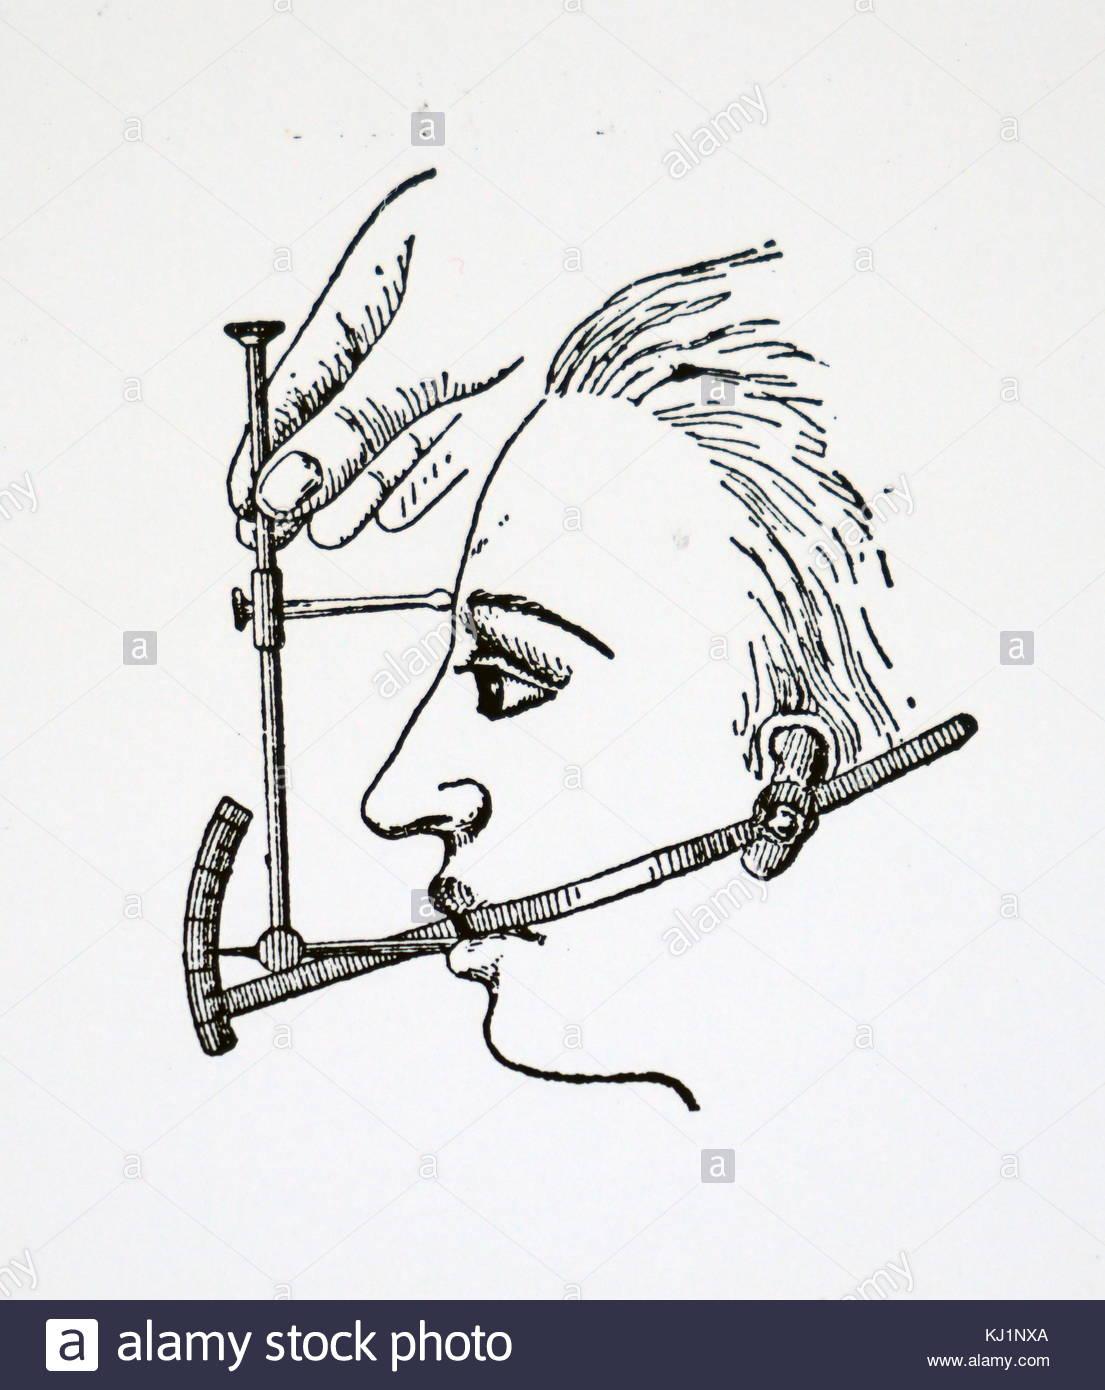 1105x1390 Profile Face Engraving Stock Photos Amp Profile Face Engraving Stock